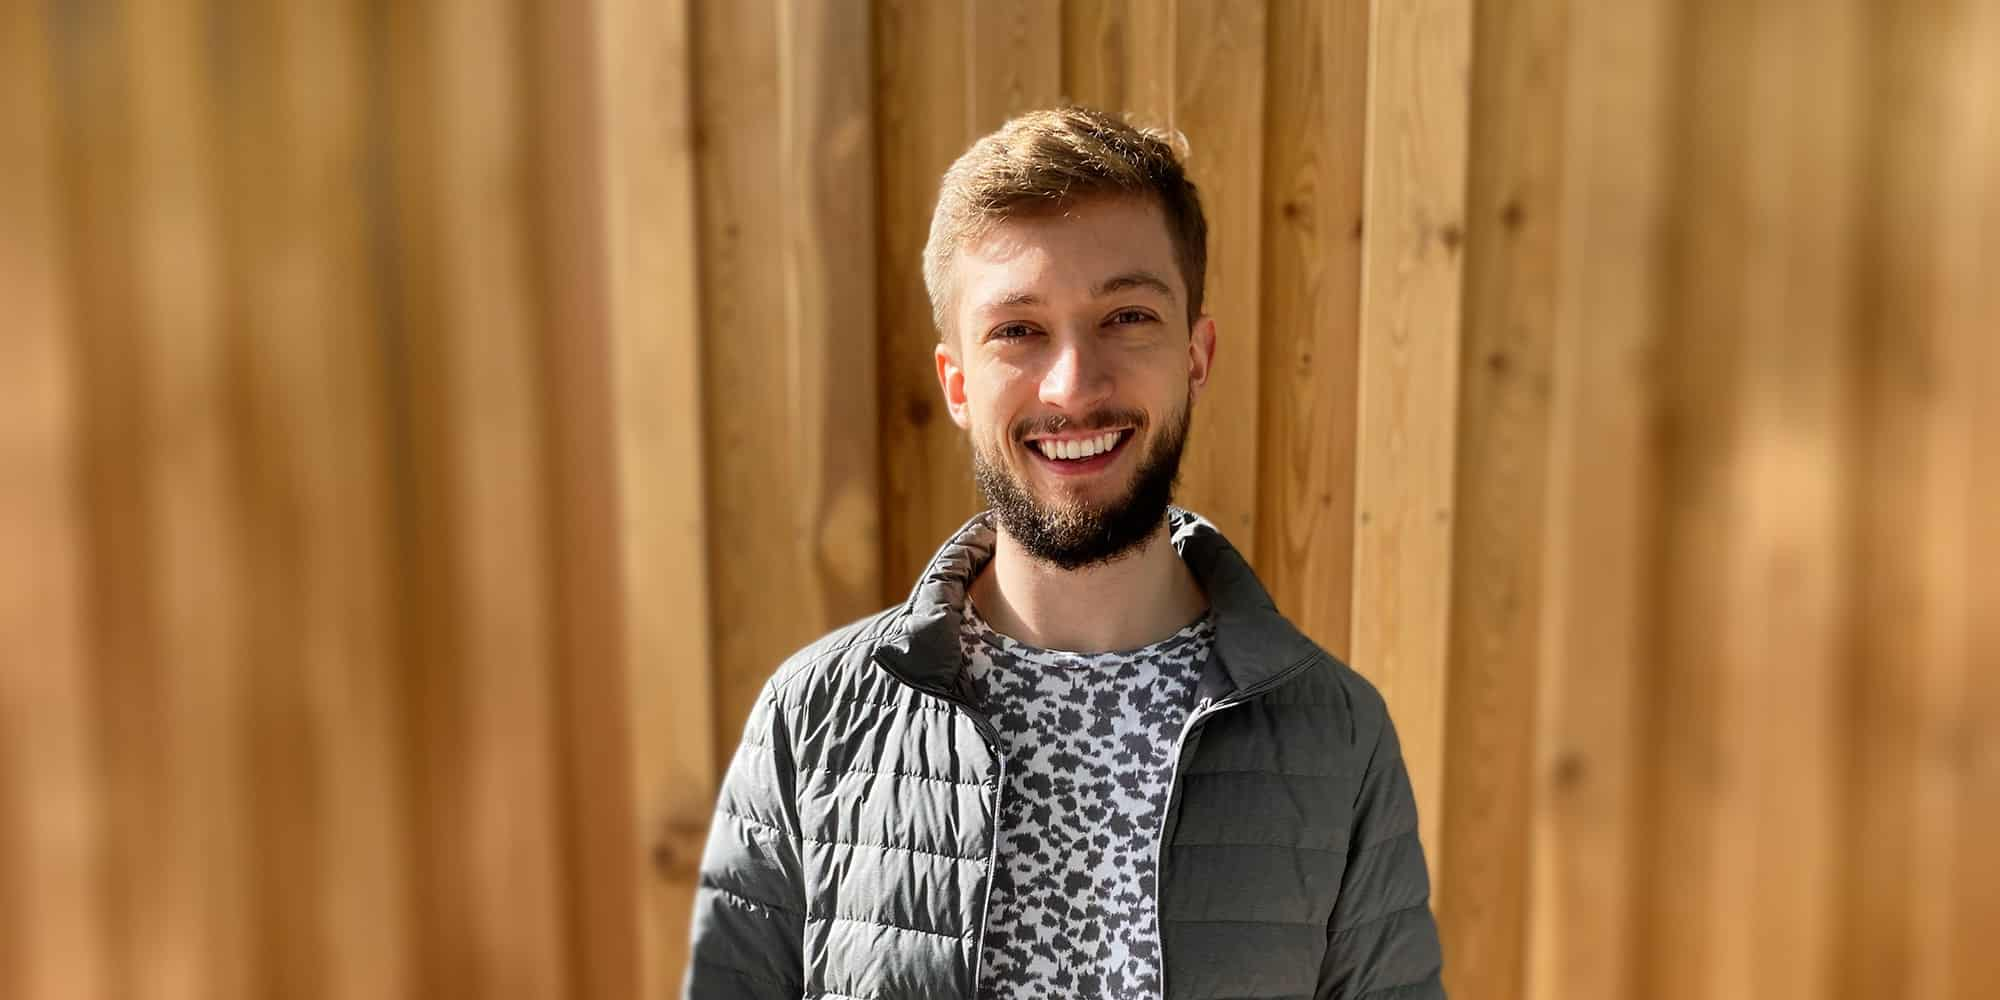 Юрий Катцер: аспирант Сколтеха, победитель хакатона «Умные города, промышленность, ТЭК»